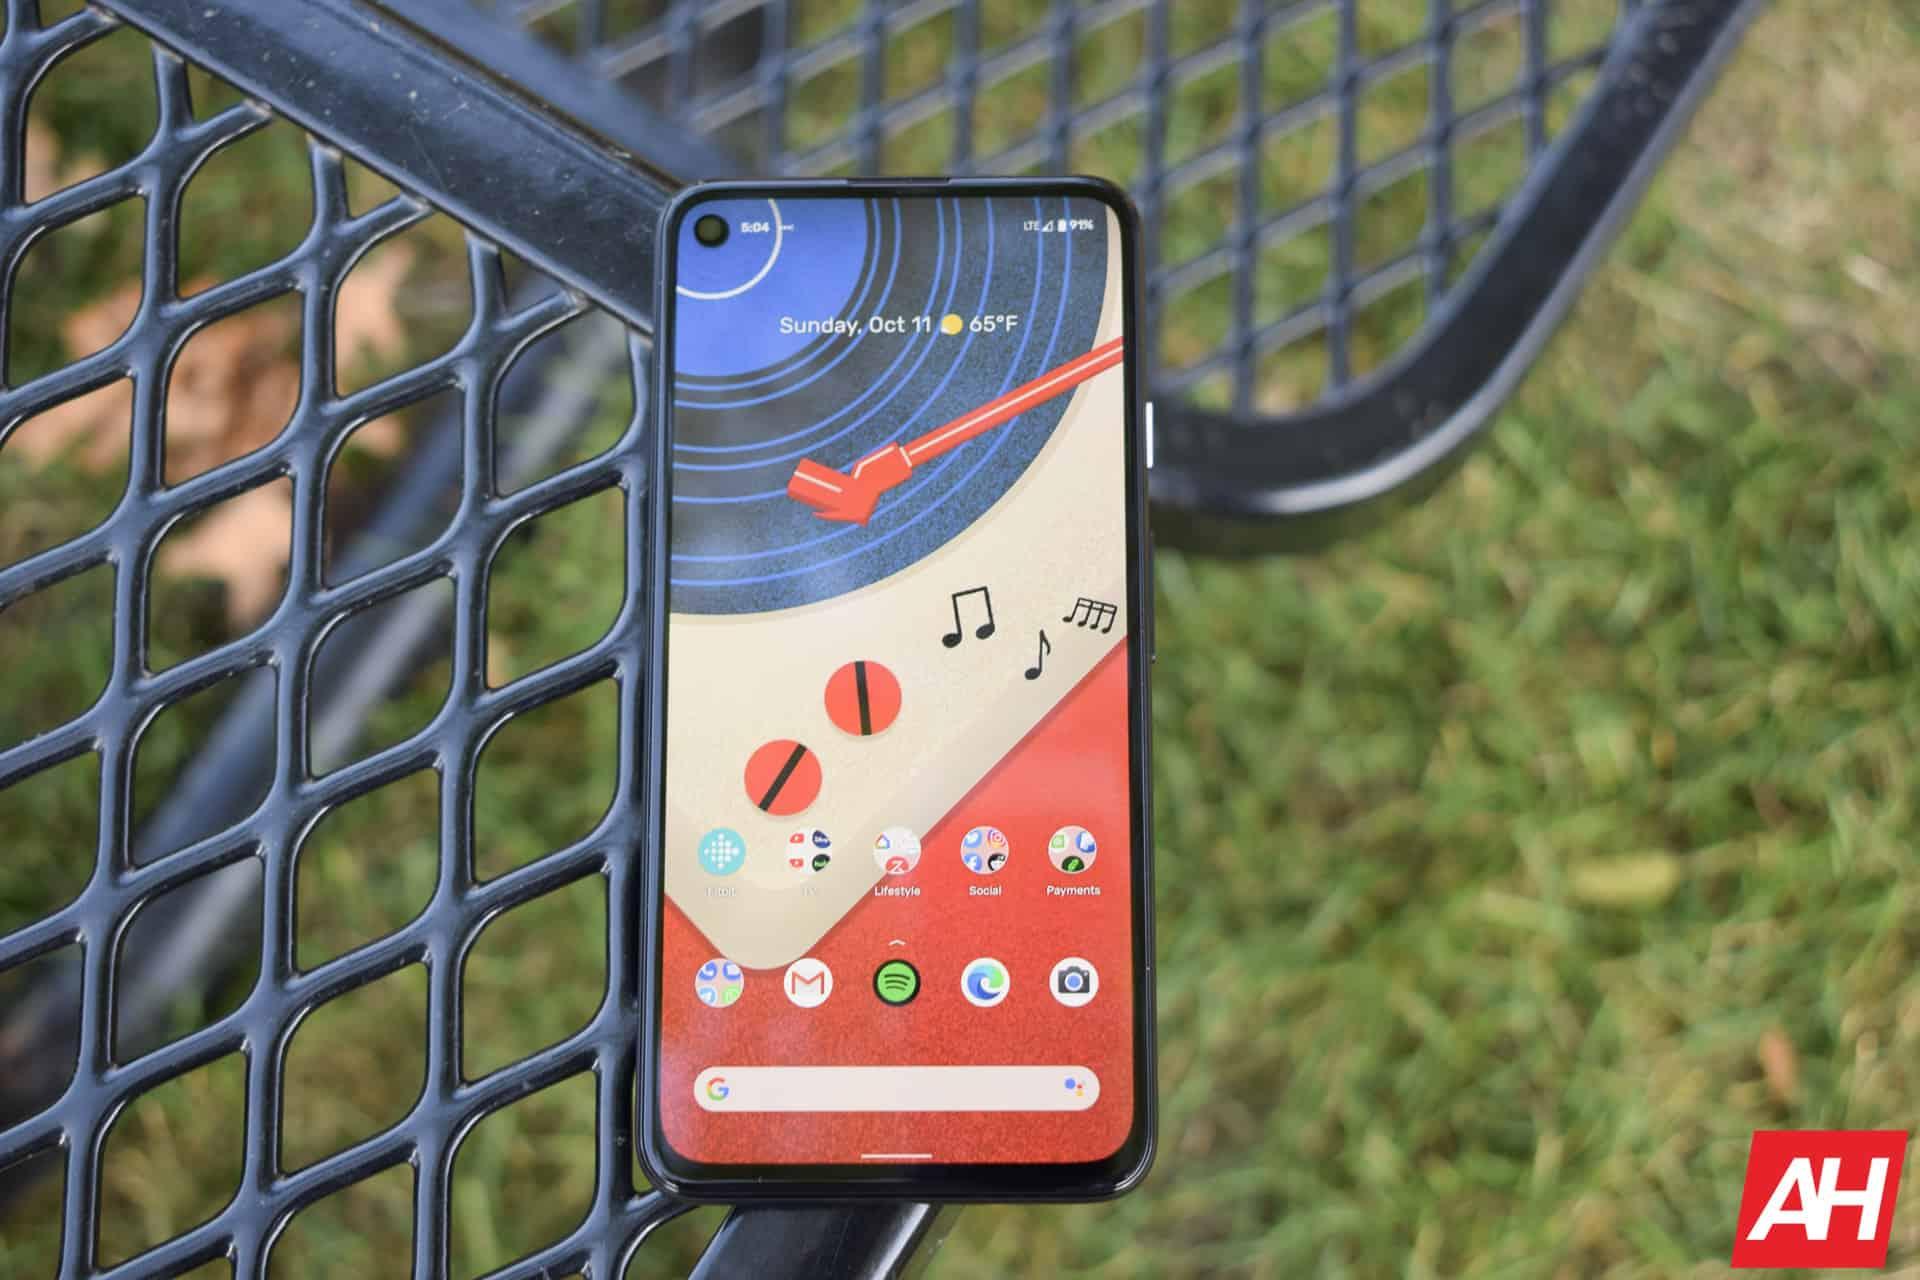 Google Pixel 4a 5G AM AH 13